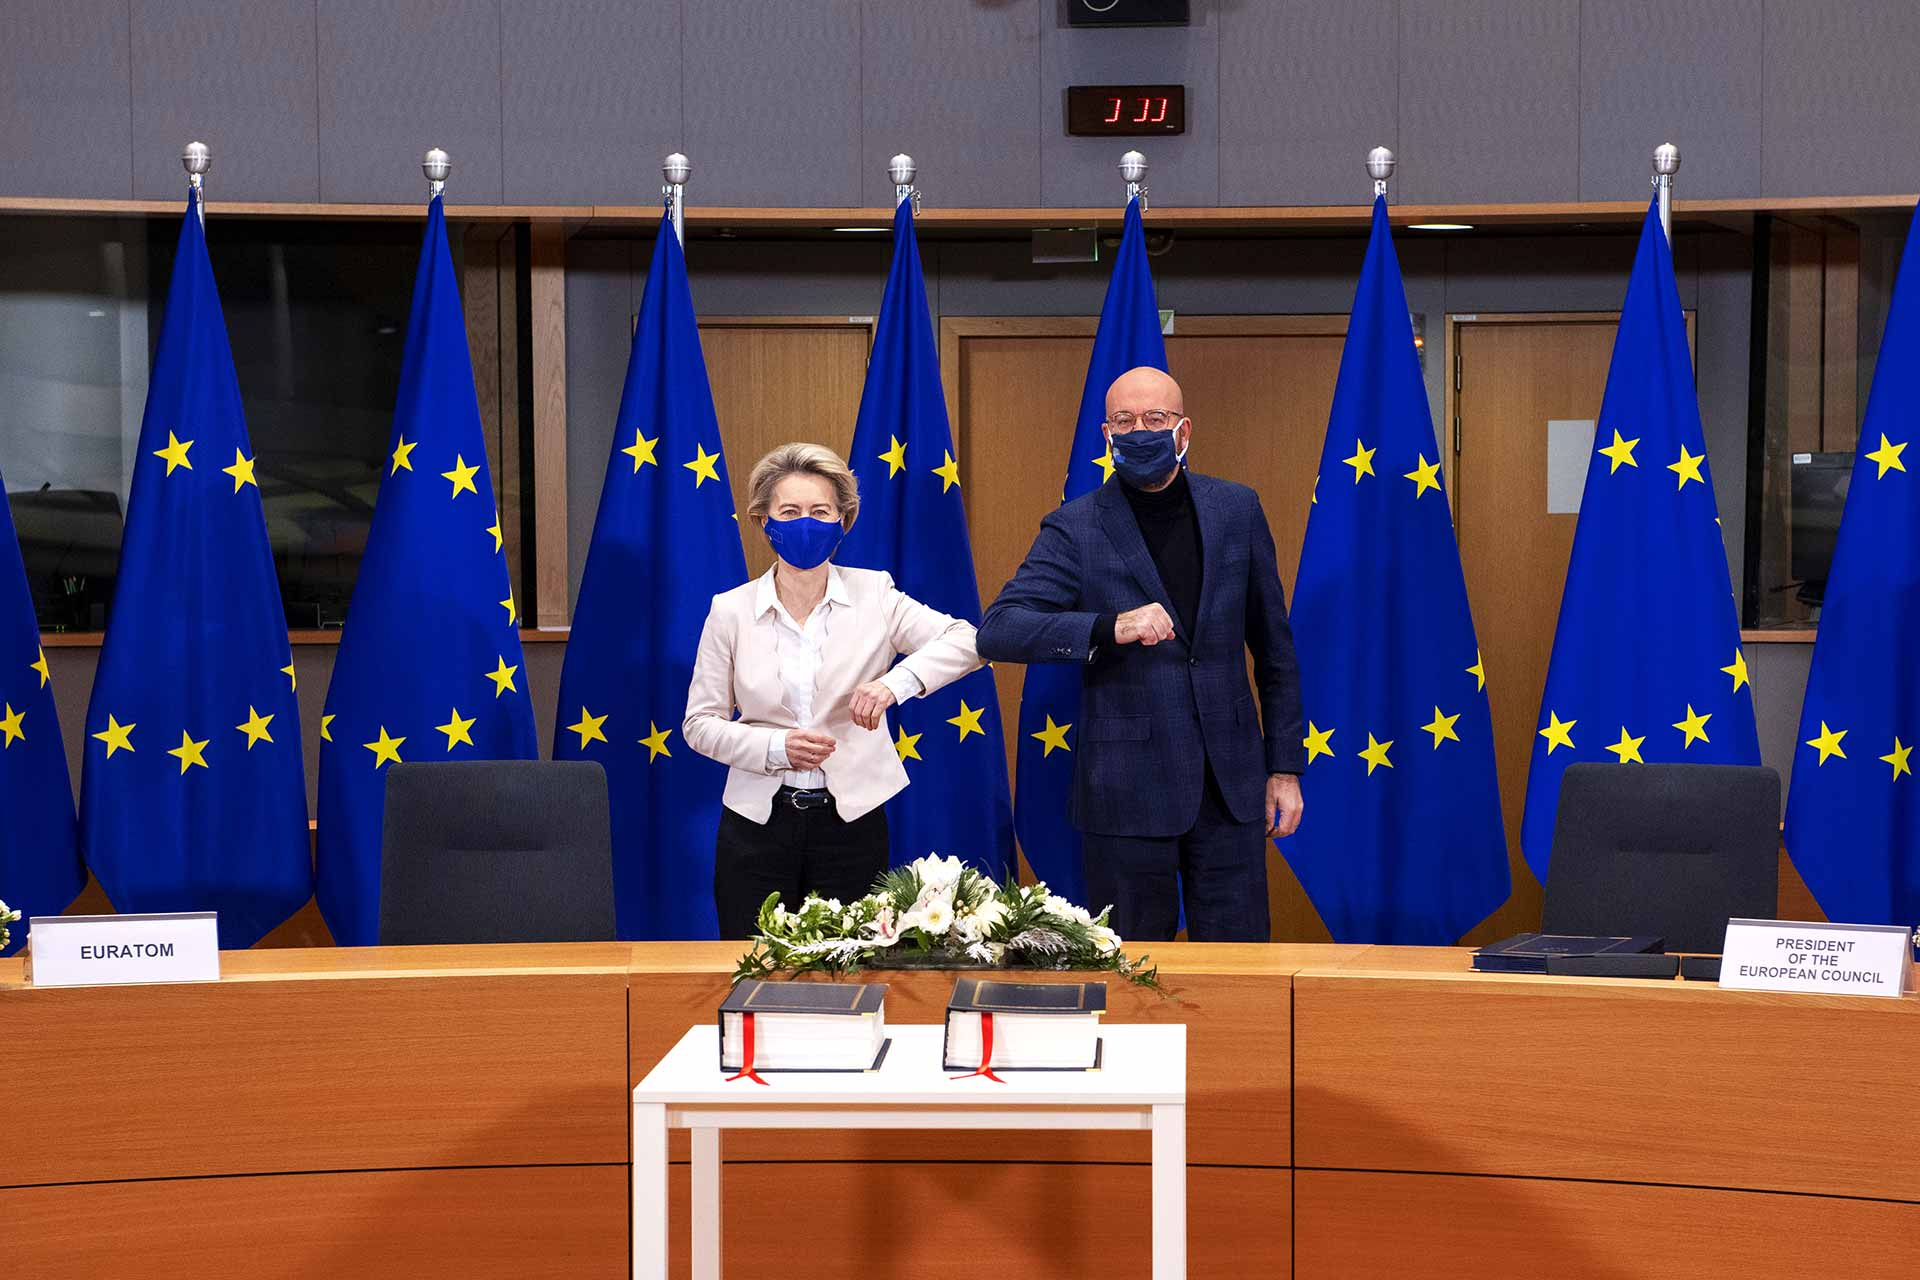 Ursula von der Leyen and Charles Michel sign Brexit Trade Deal